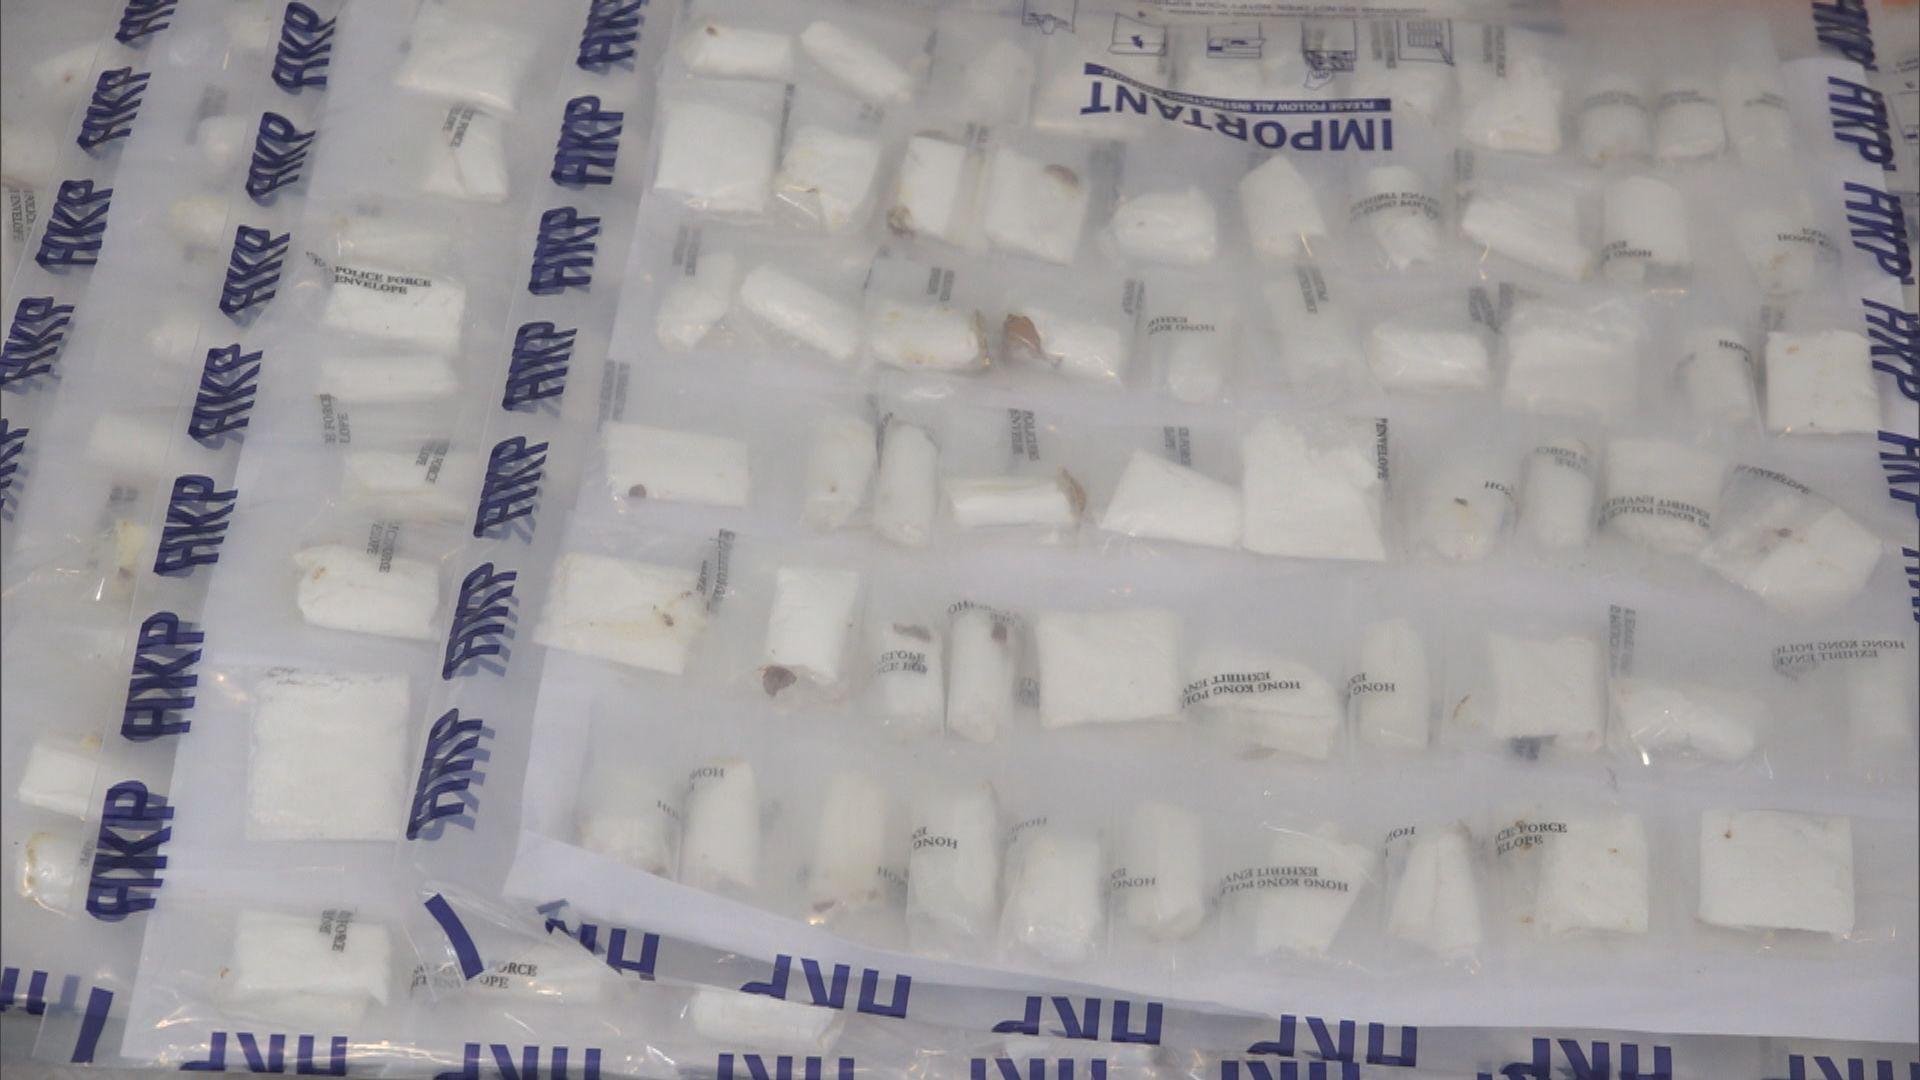 警方破榴槤偷運毒品案拘捕一名男子